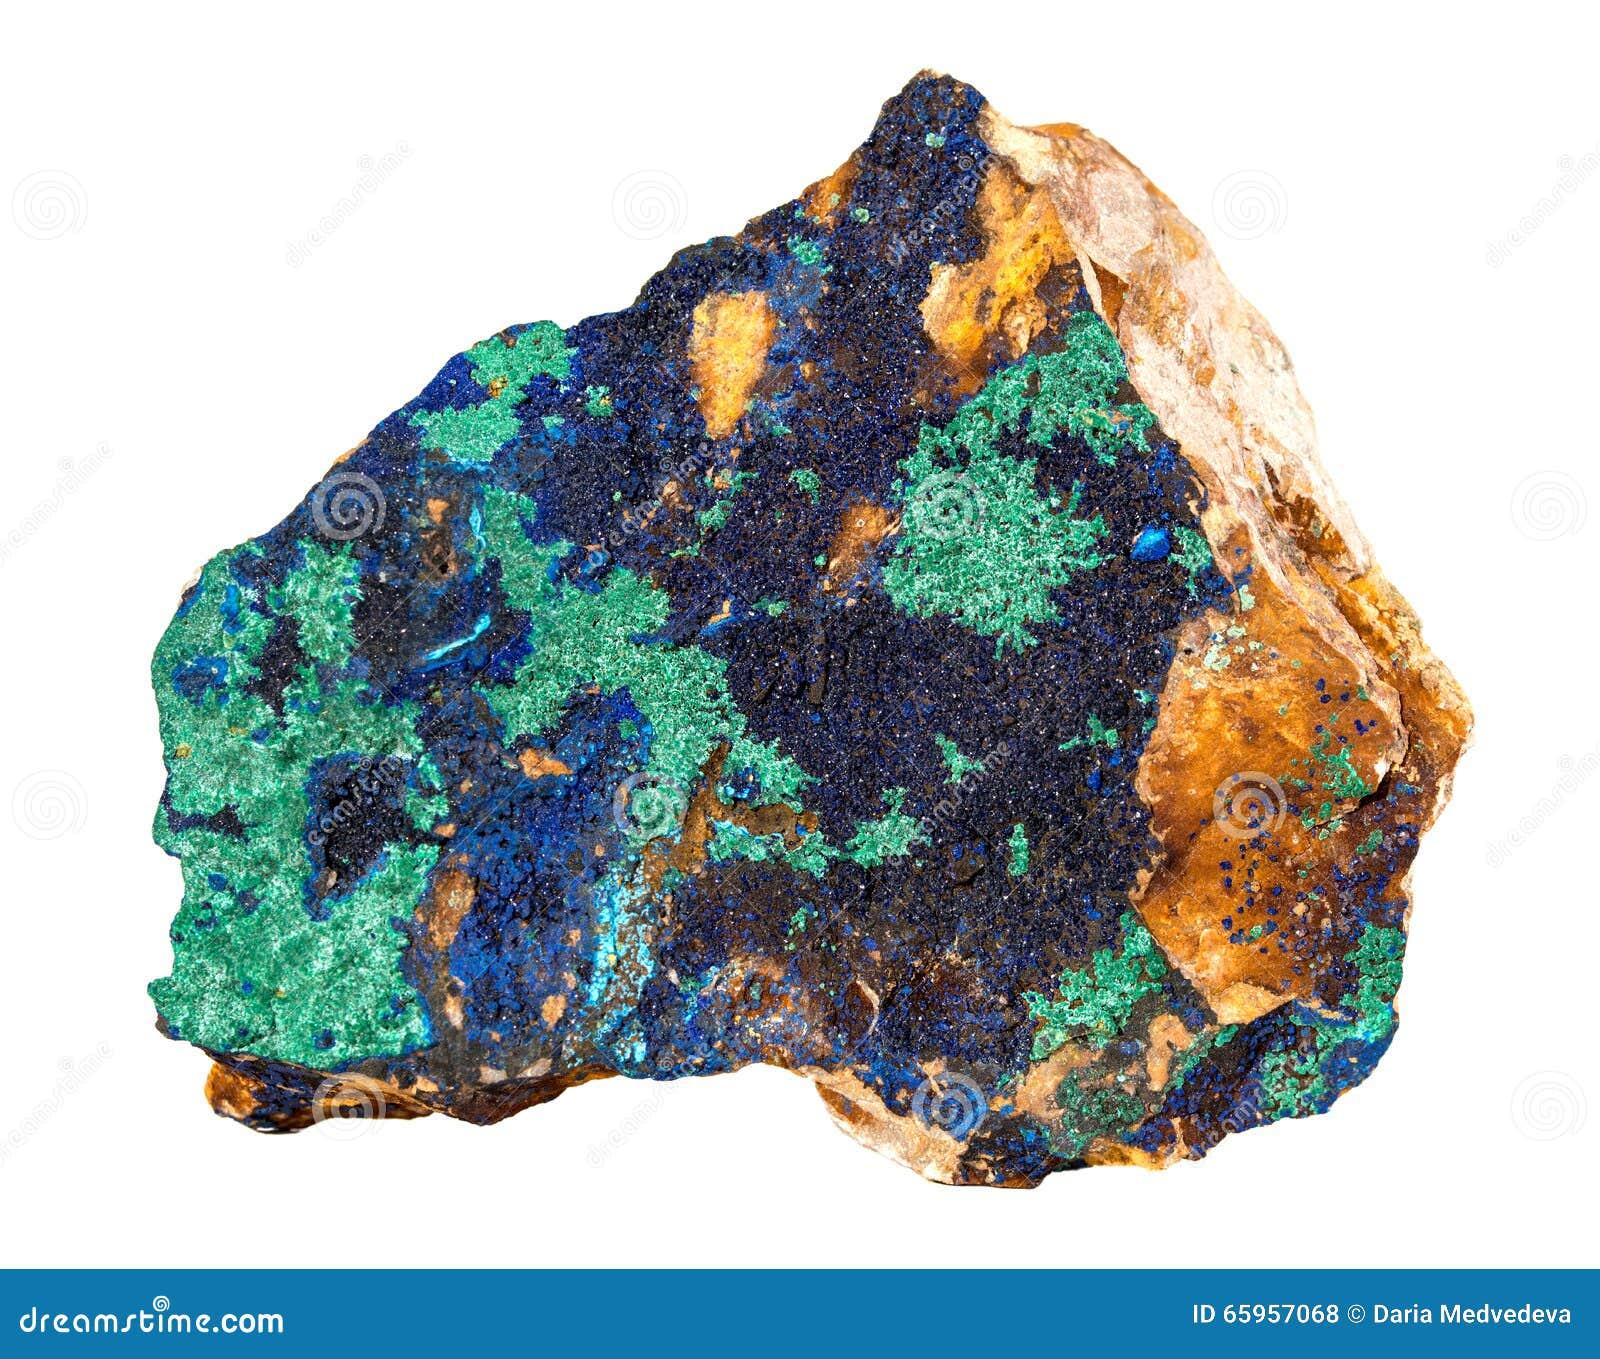 Del Azurite azul profundamente con la roca mineral de cobre verde aislada en el fondo blanco